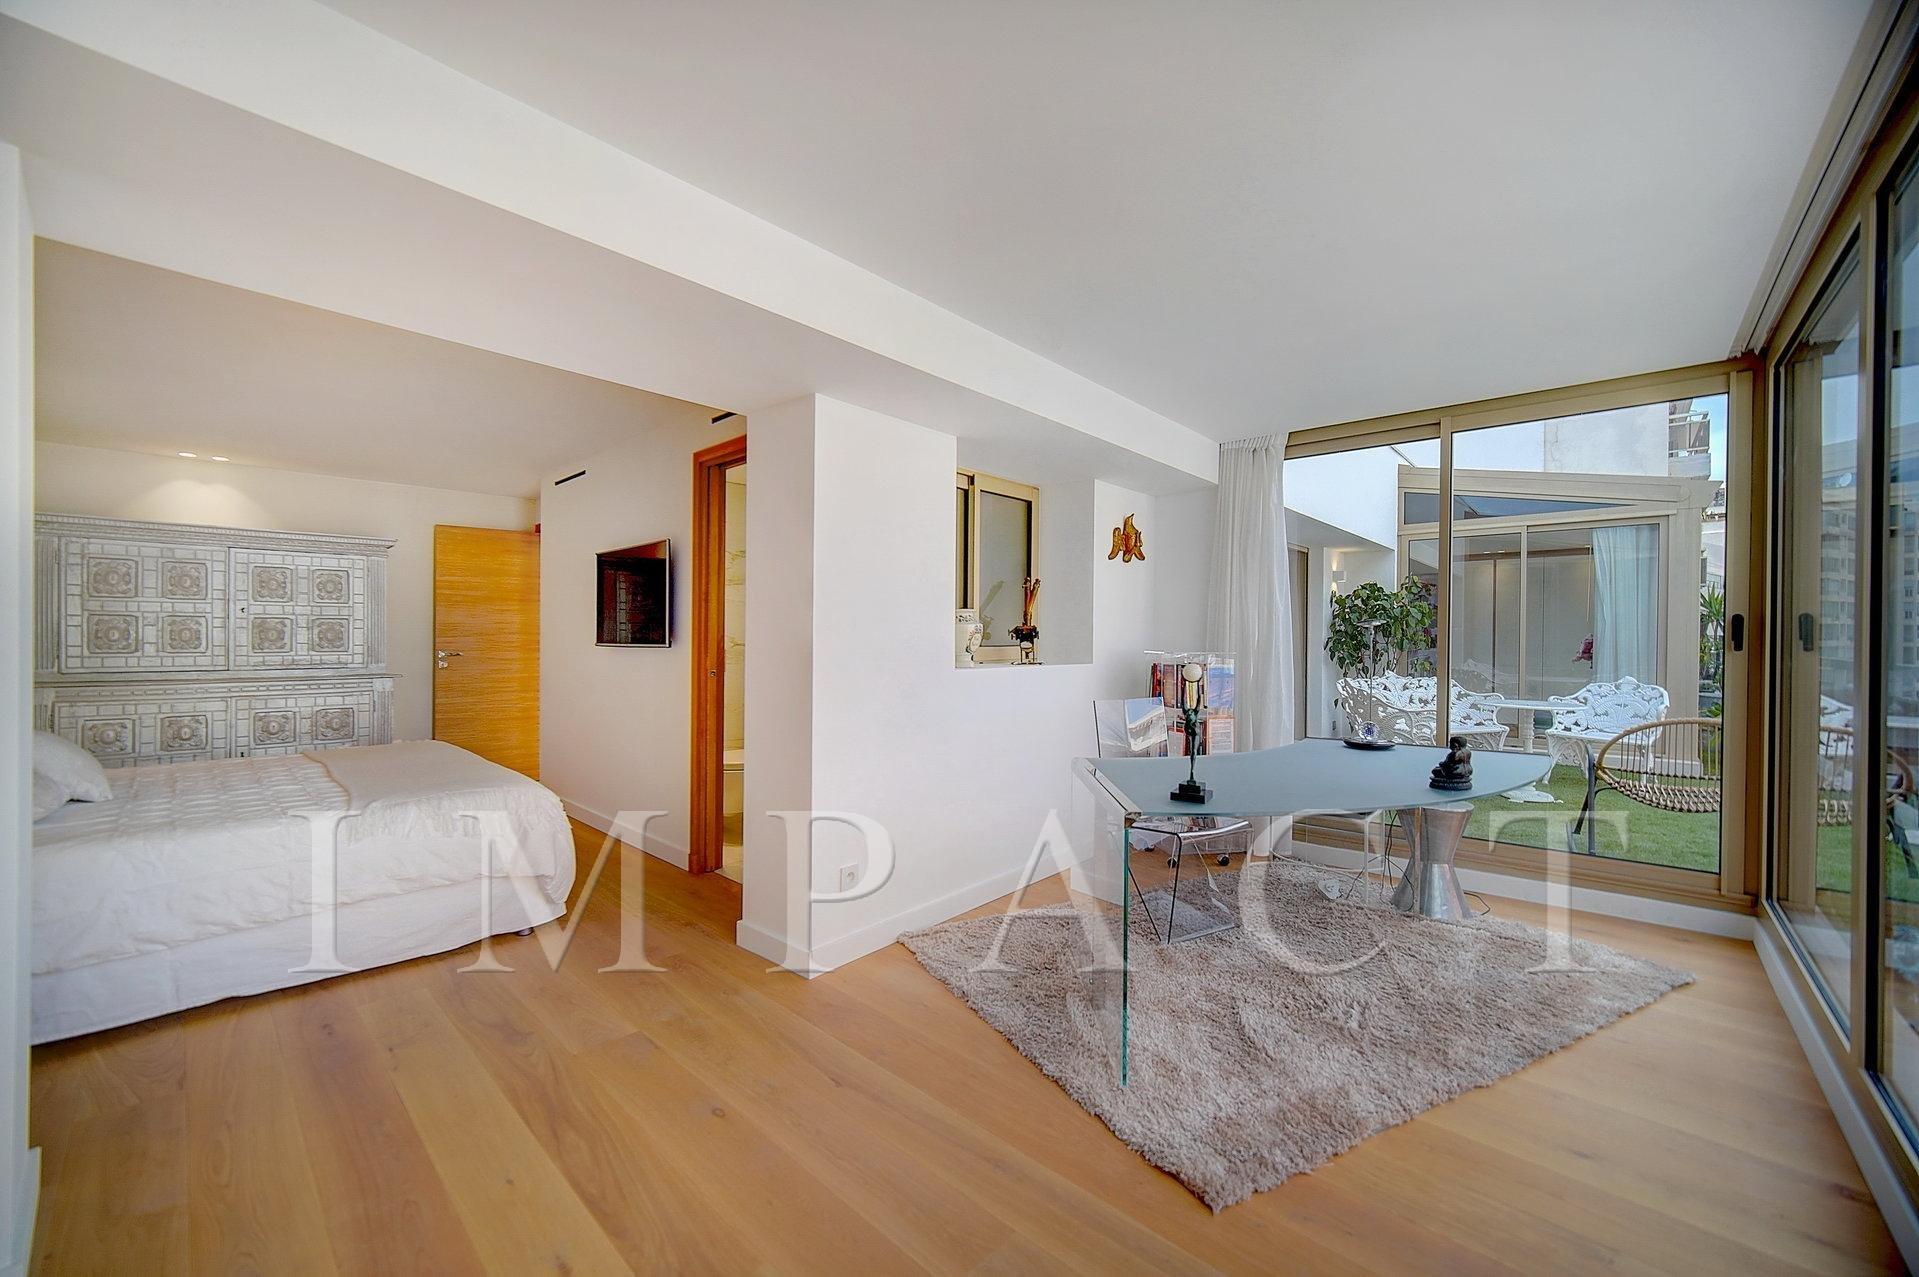 Appartement 4 chambres Location Saisonnière Cannes Centre